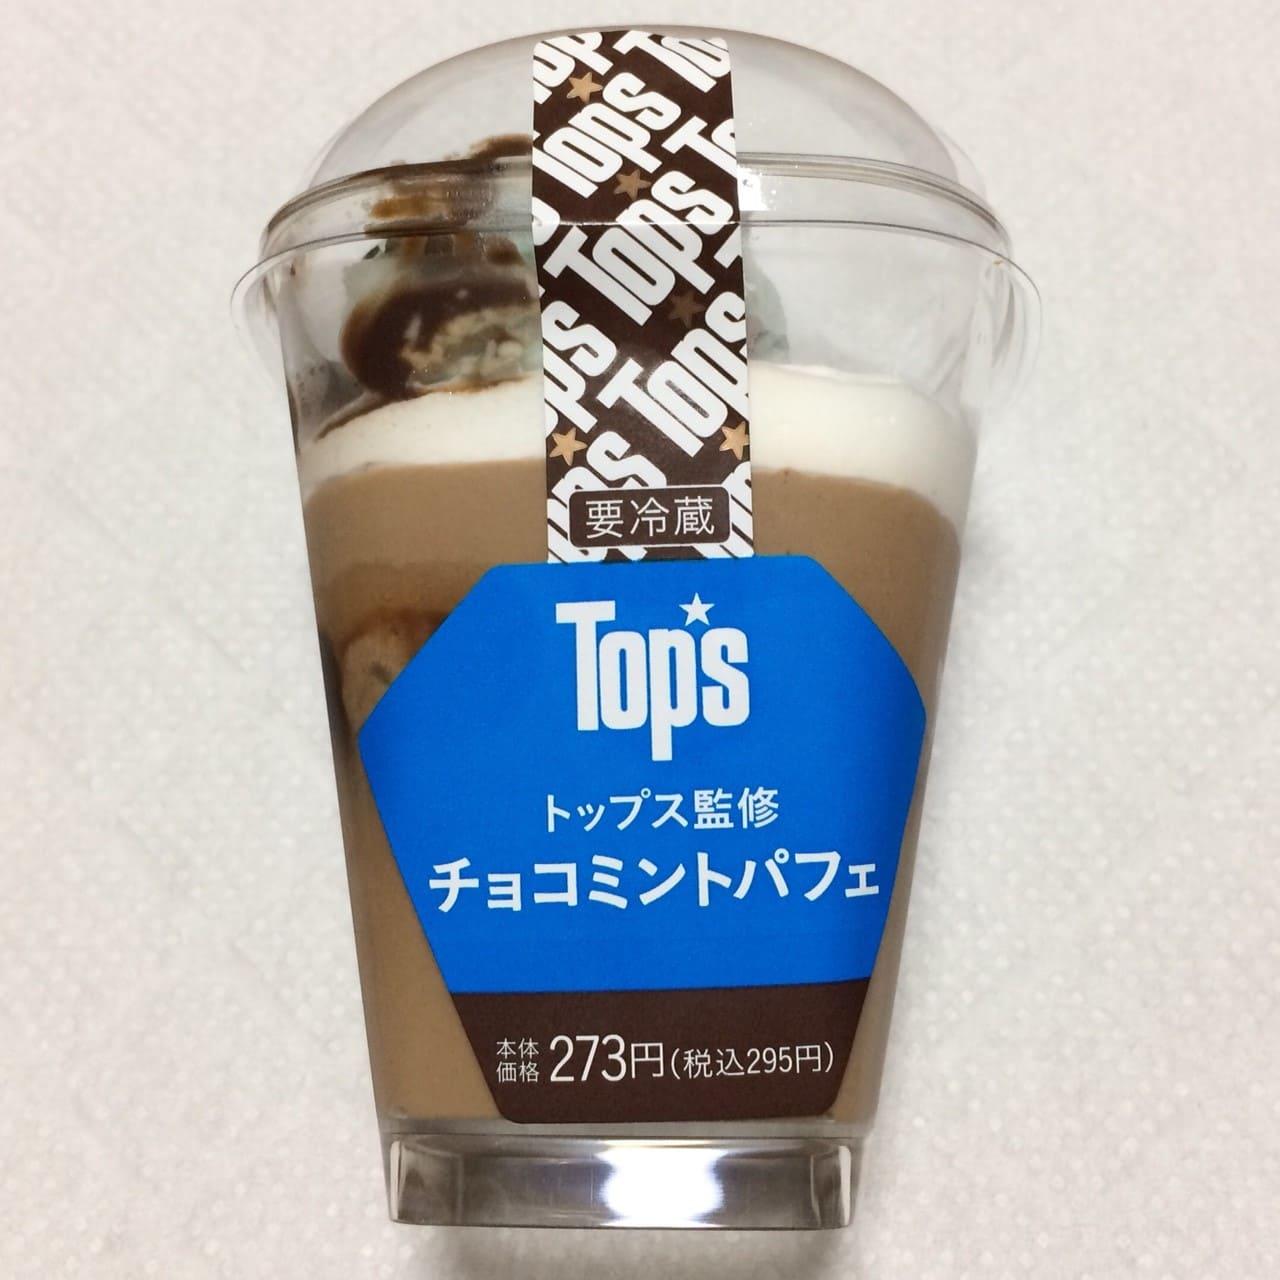 トップス監修チョコミントパフェ